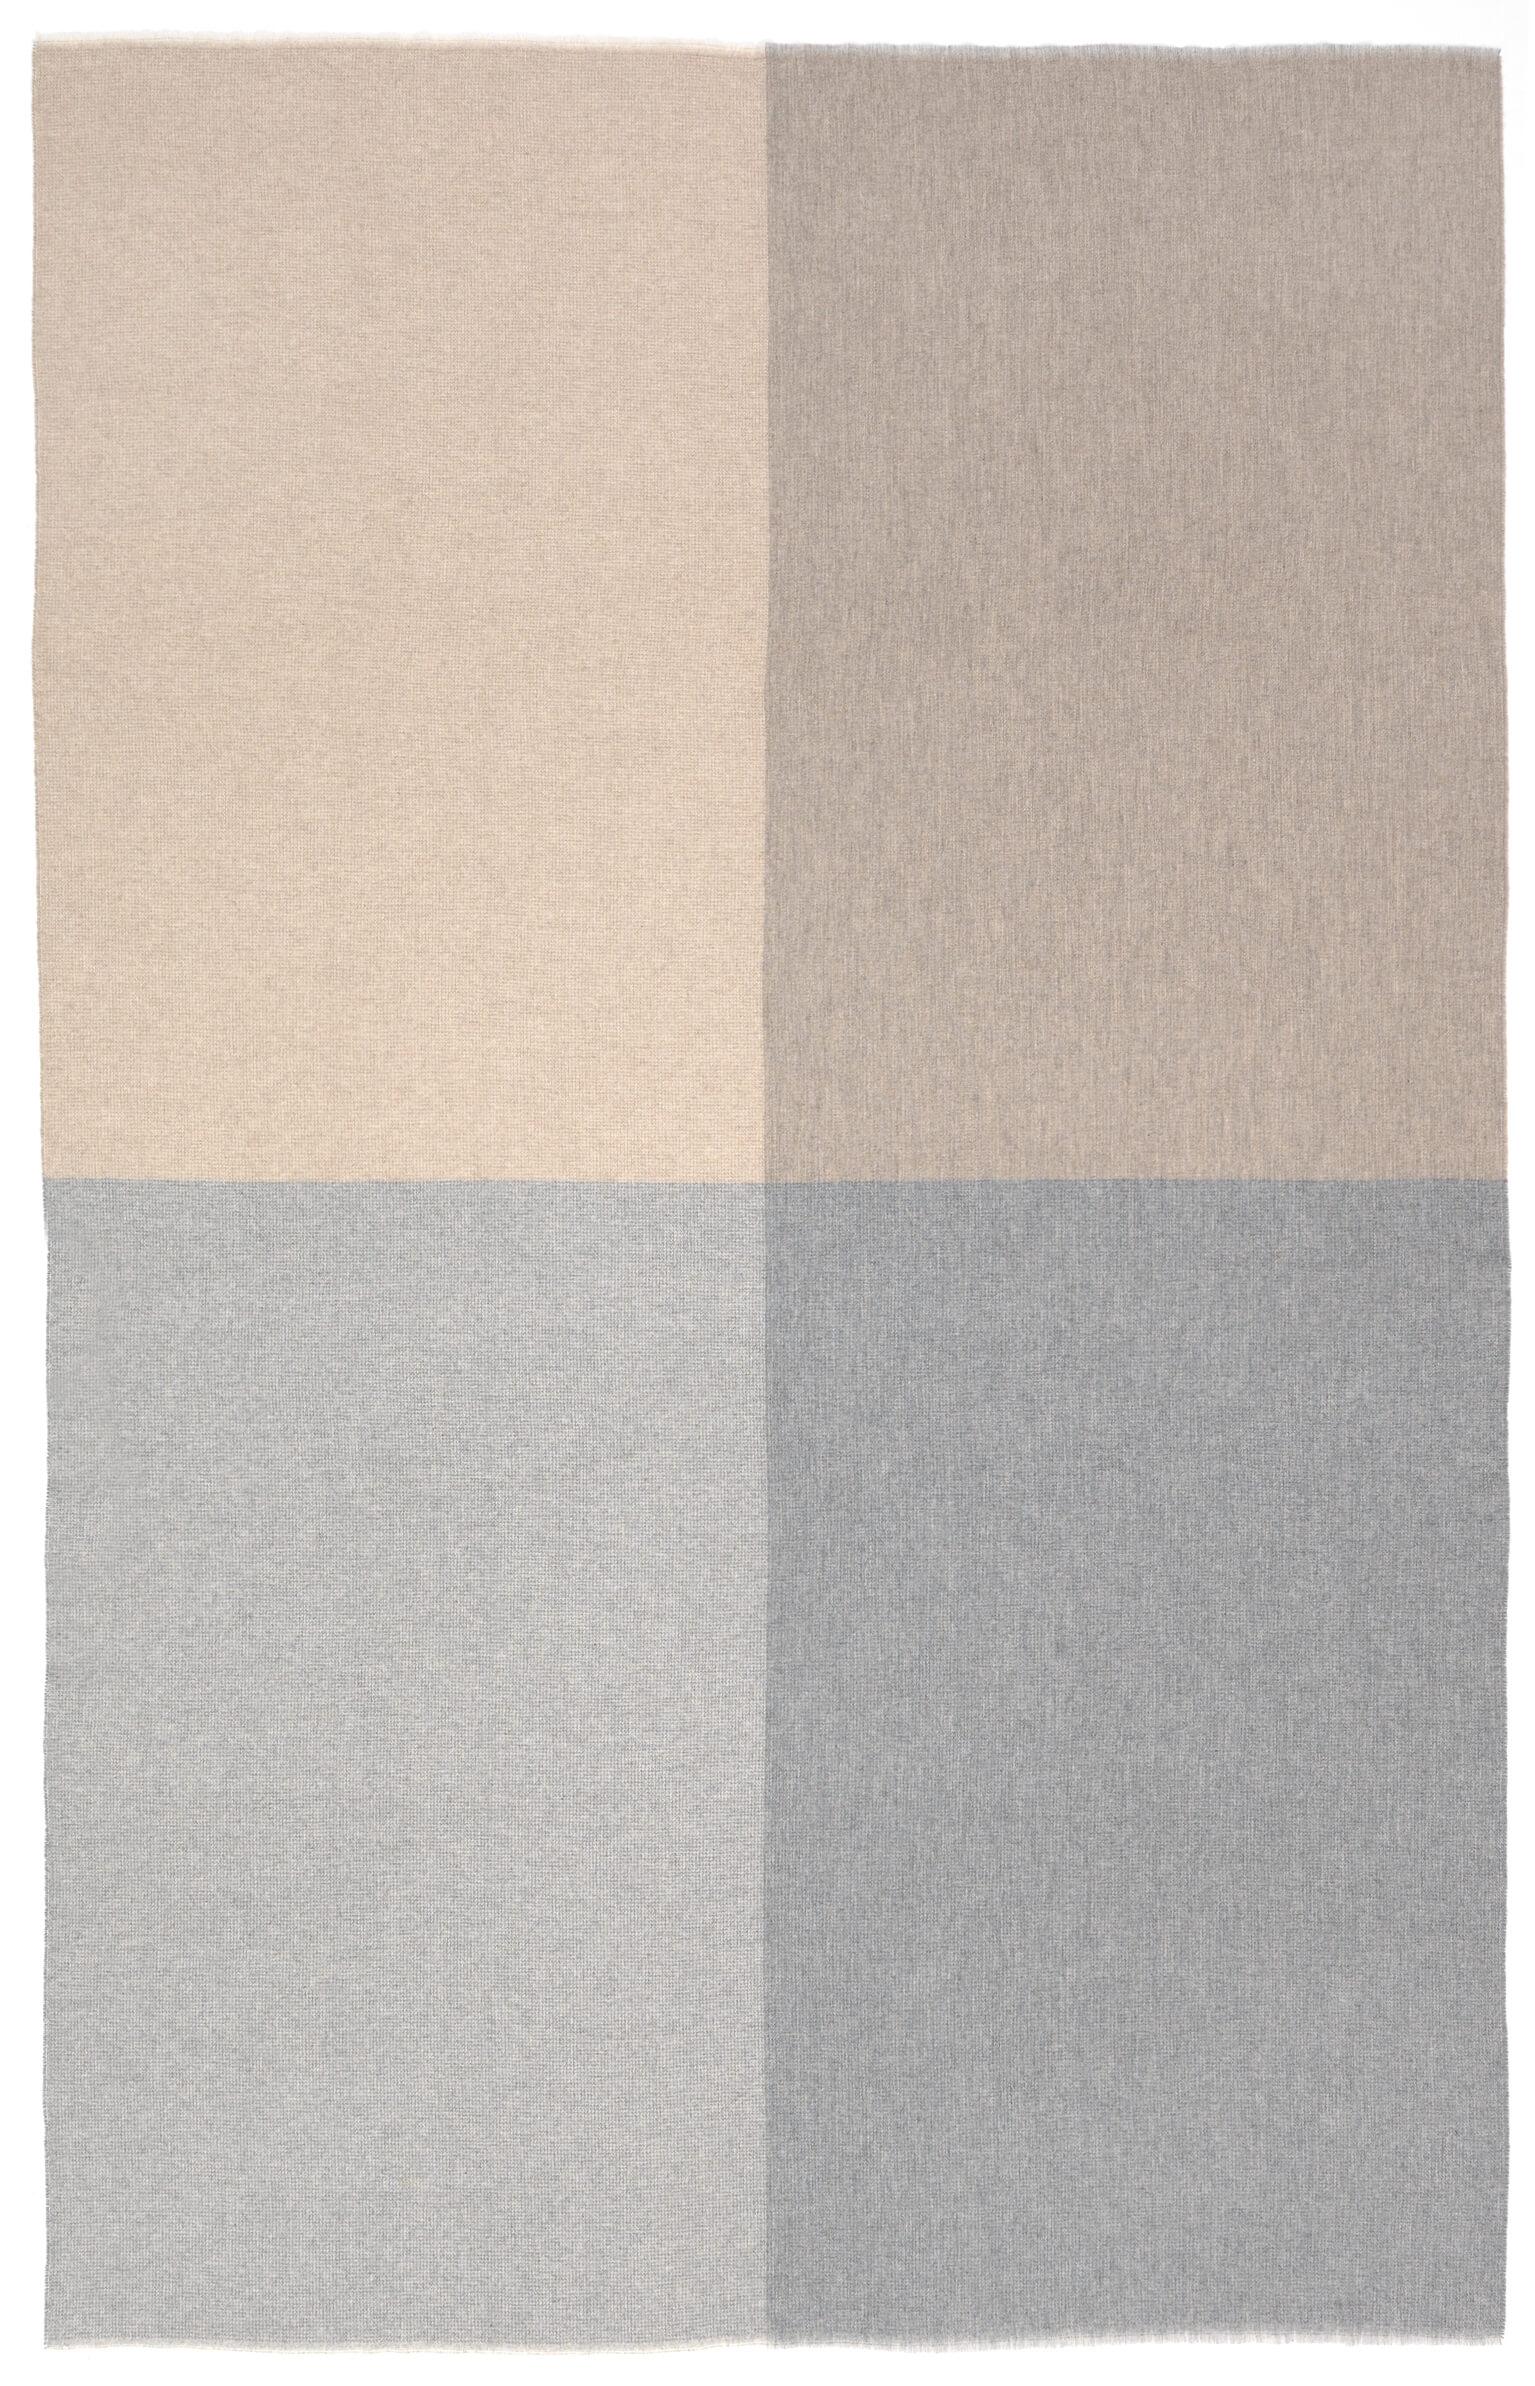 Bild von Mayfair107, Variante beige-grau